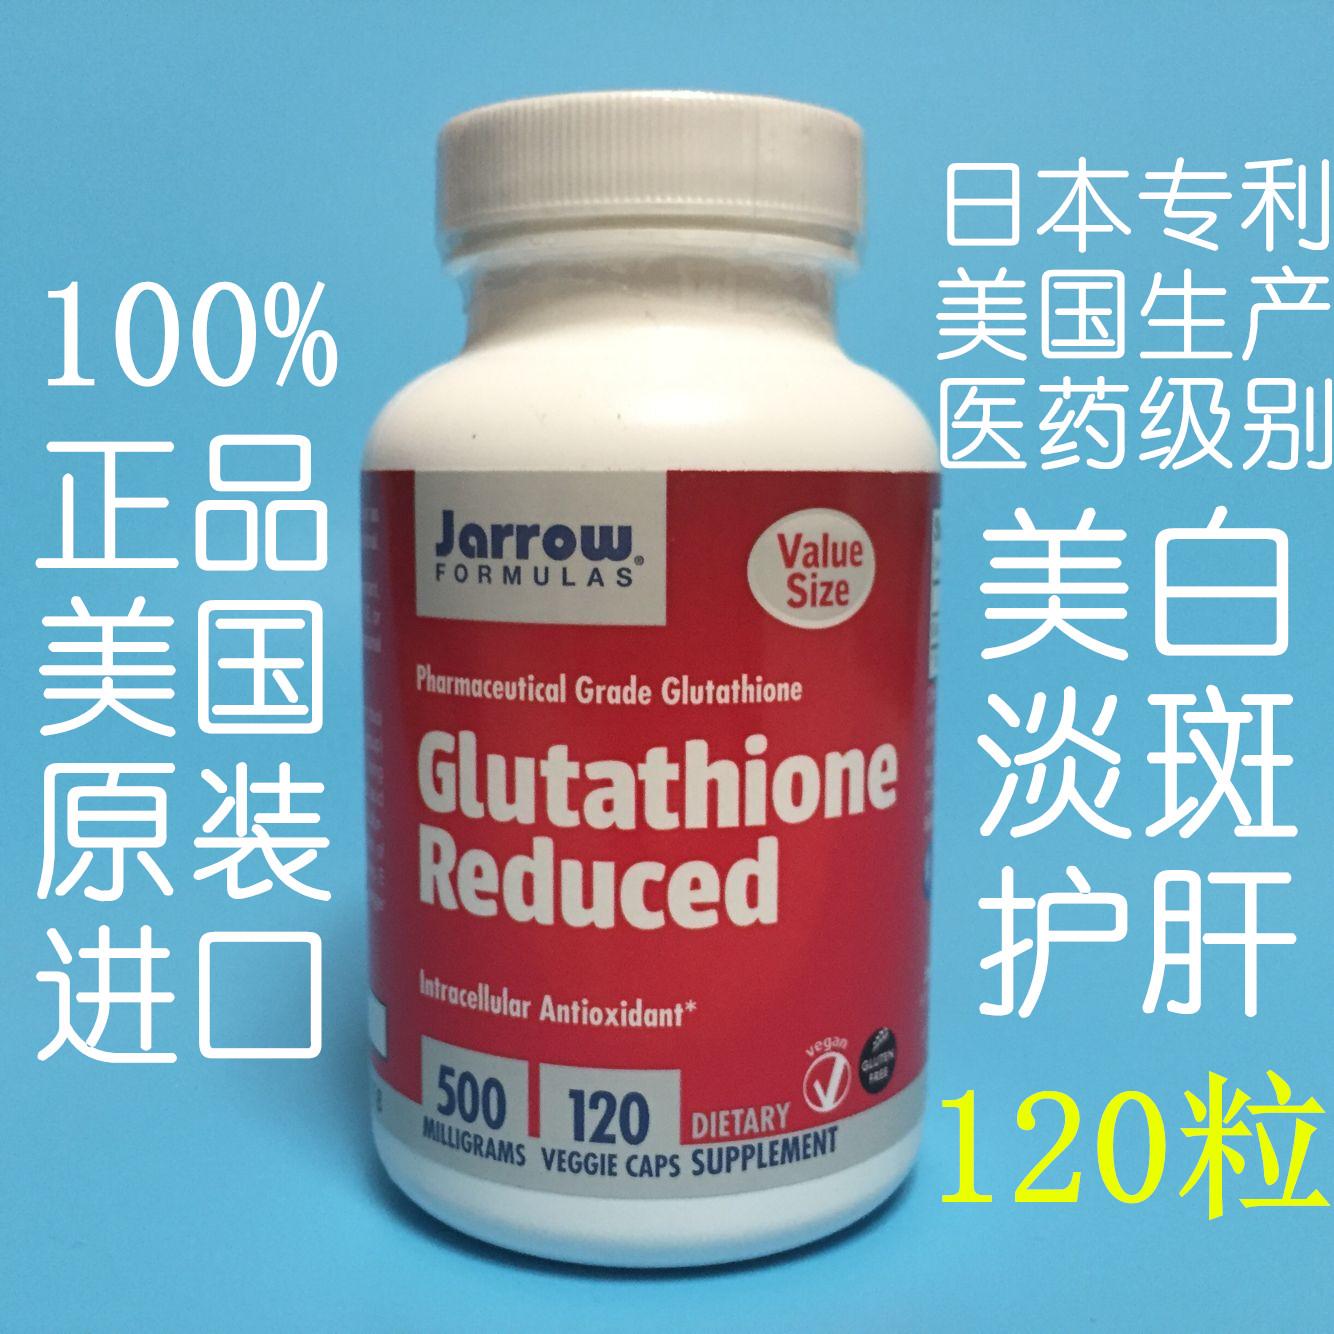 Сша Jarrow Formulas Glutathione долина мочевой пузырь сладкий пептид сокращение тип 500mg 120 зерна